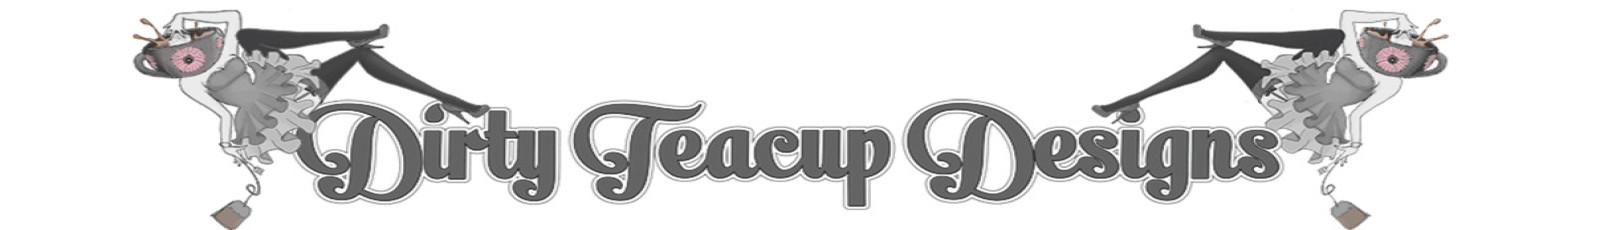 Dirty Teacup Designs